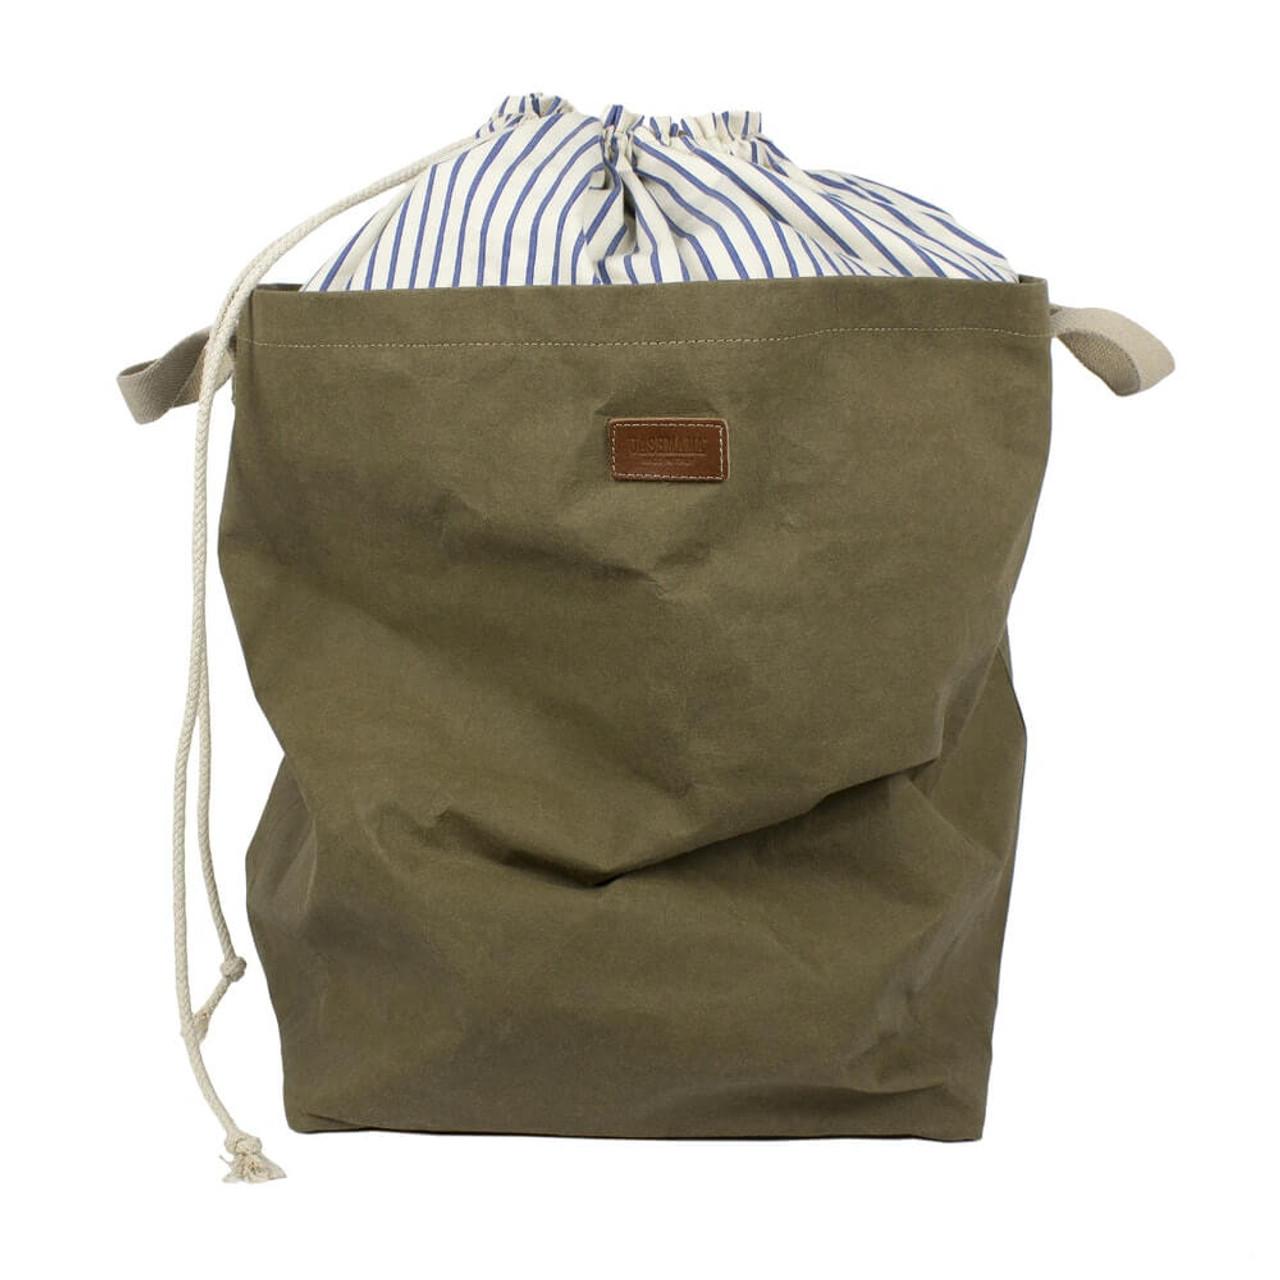 uashmama positano laundry organic paper oliva